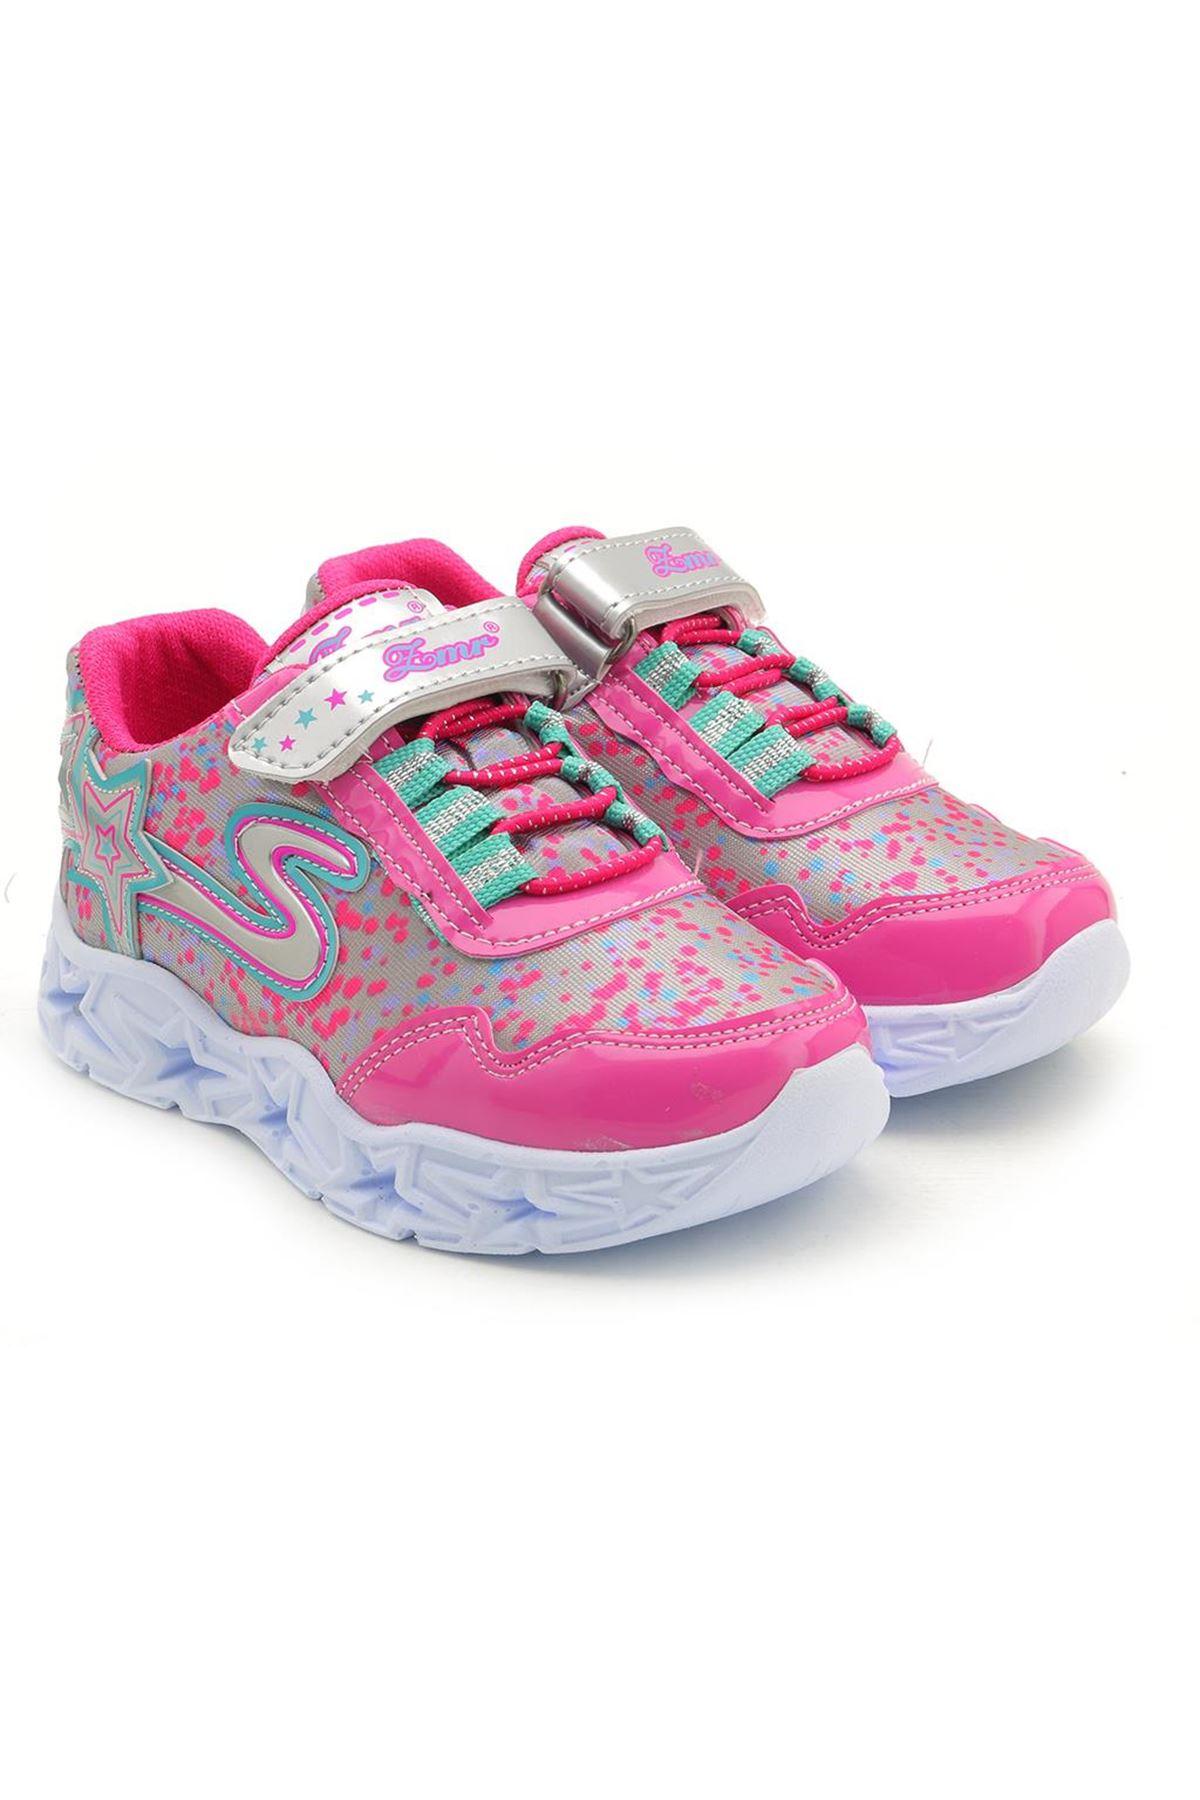 Kids World H800 Kız Çocuk Abiye Topuklu Ayakkabı